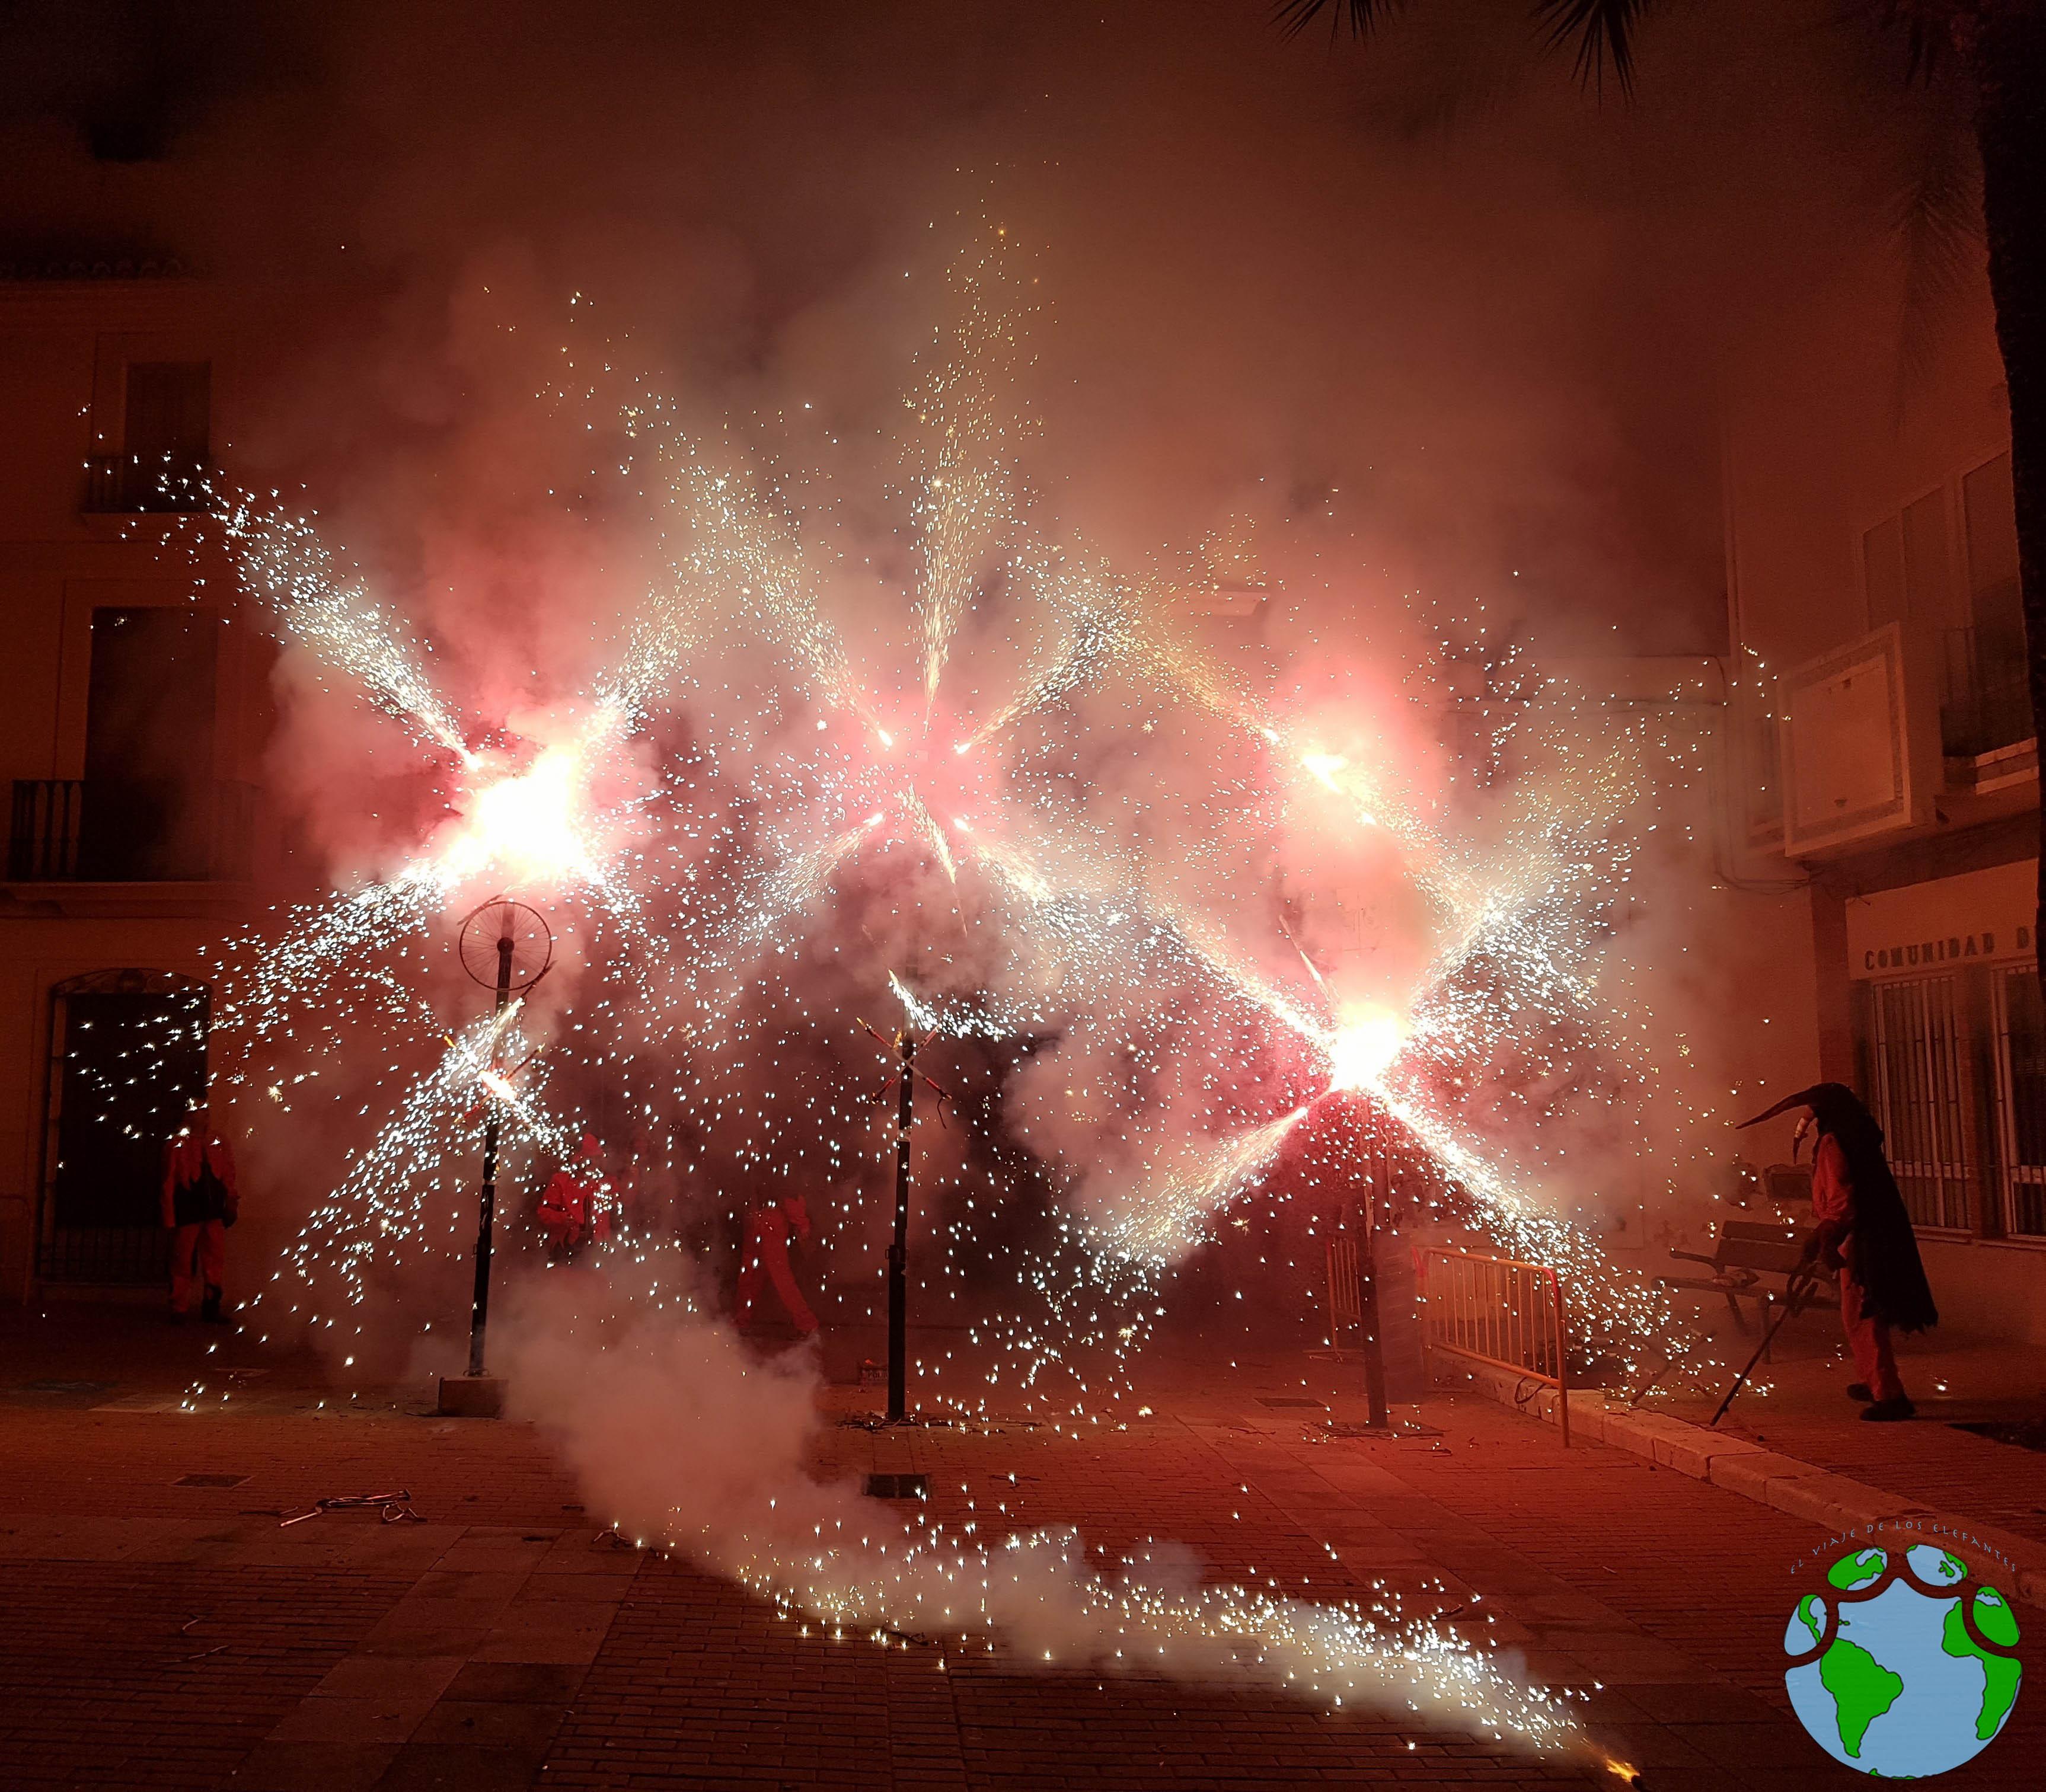 Fin de fiesta tradicional